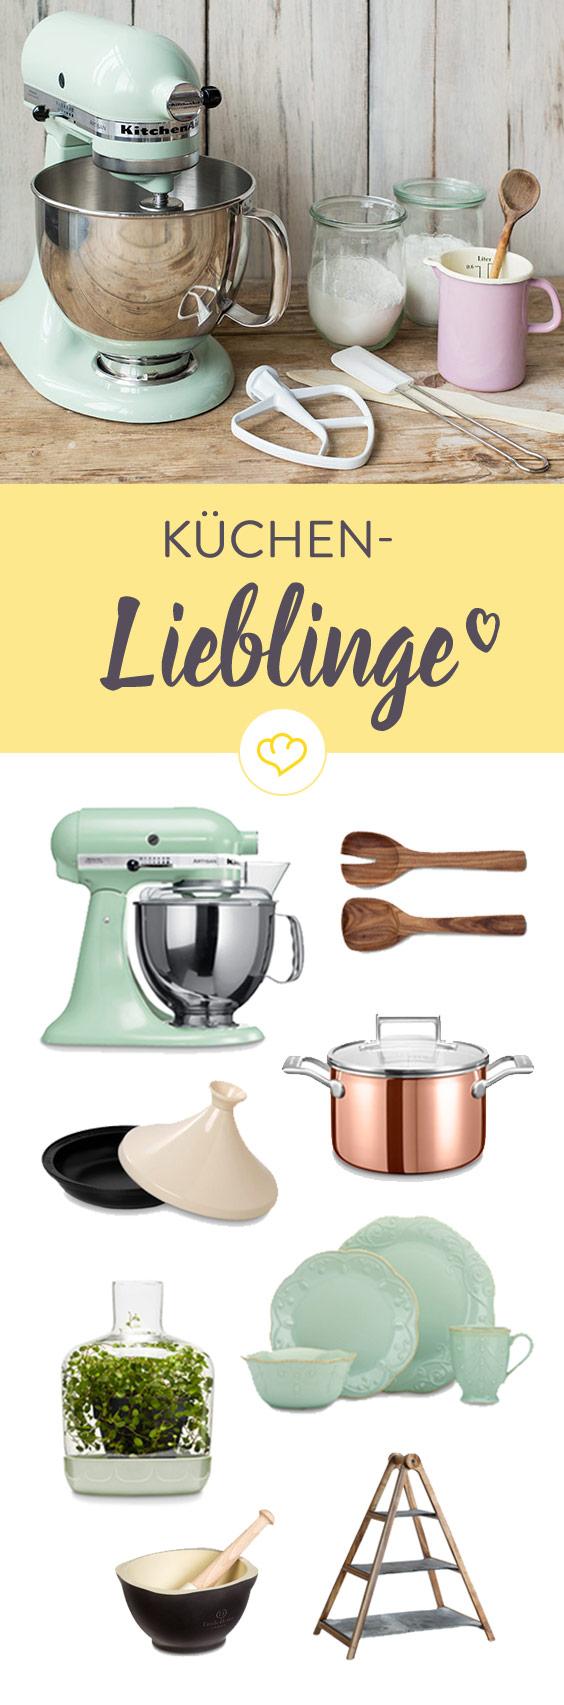 Mach deine Küche zu deinem Lieblingsplatz! | Springlane Kochzubehör ...